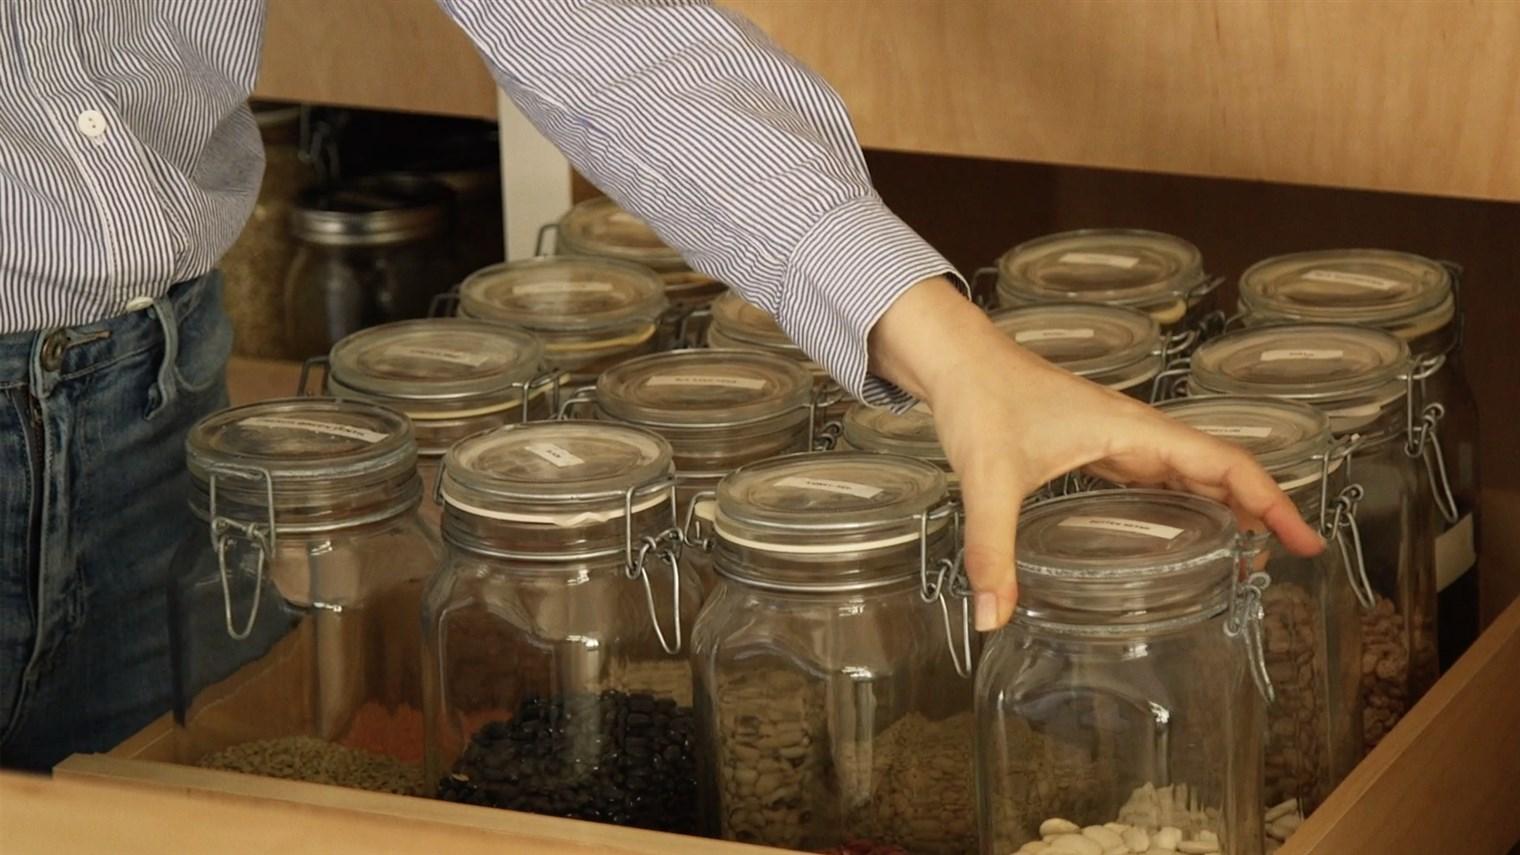 Wadah kaca adalah alternatif yang lebih sehat untuk menyimpan biji-bijian kering dibandingkan dengan wadah plastik dengan BPA - source: today.com